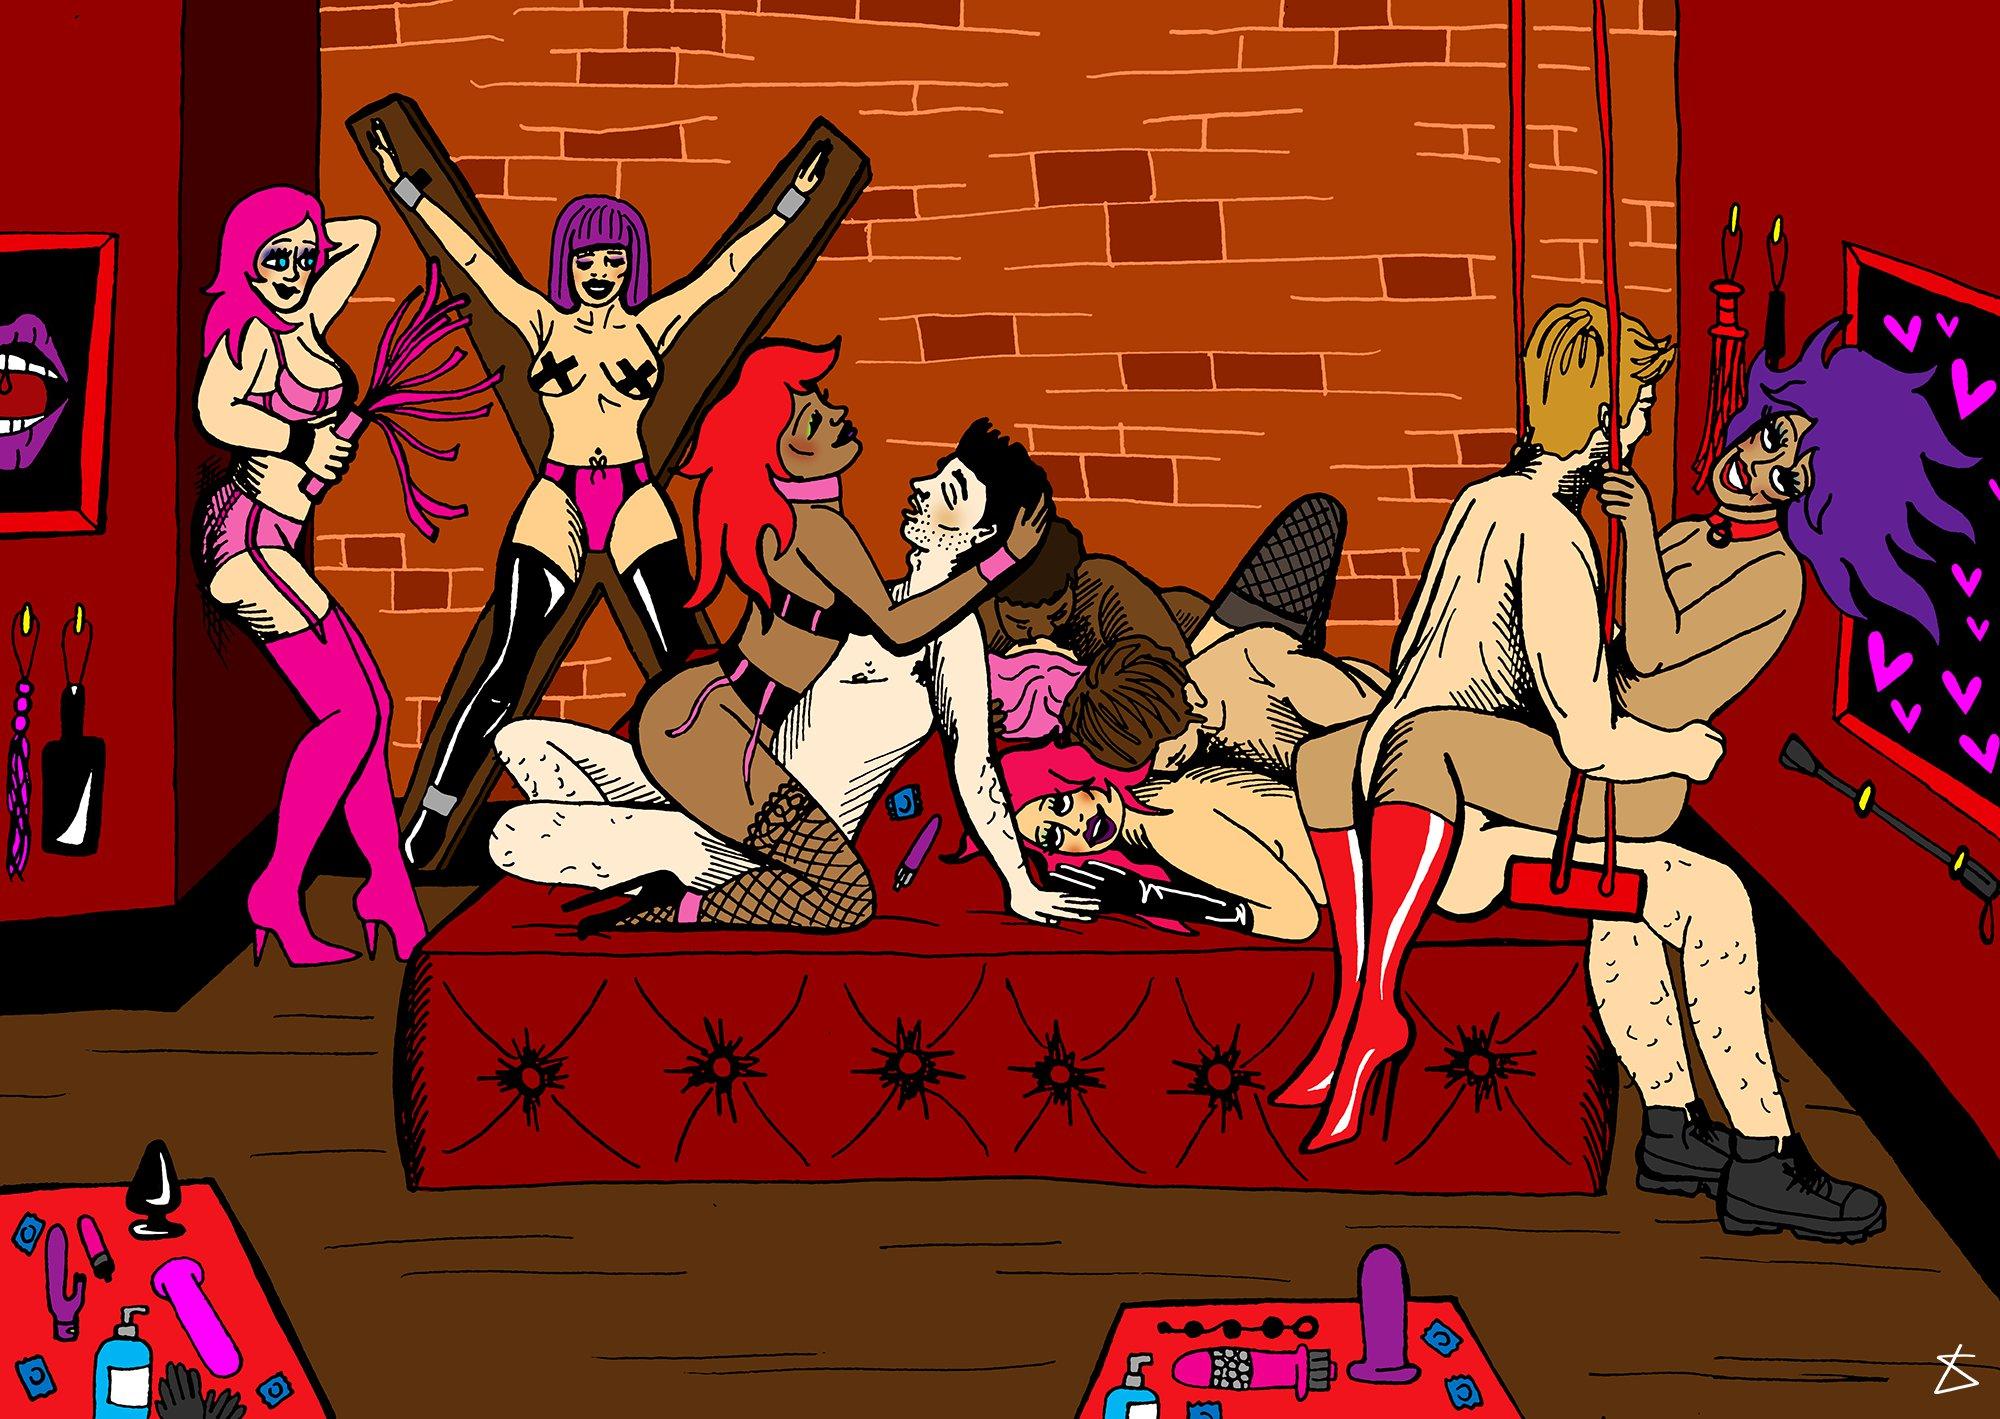 Kinky sex club 2005